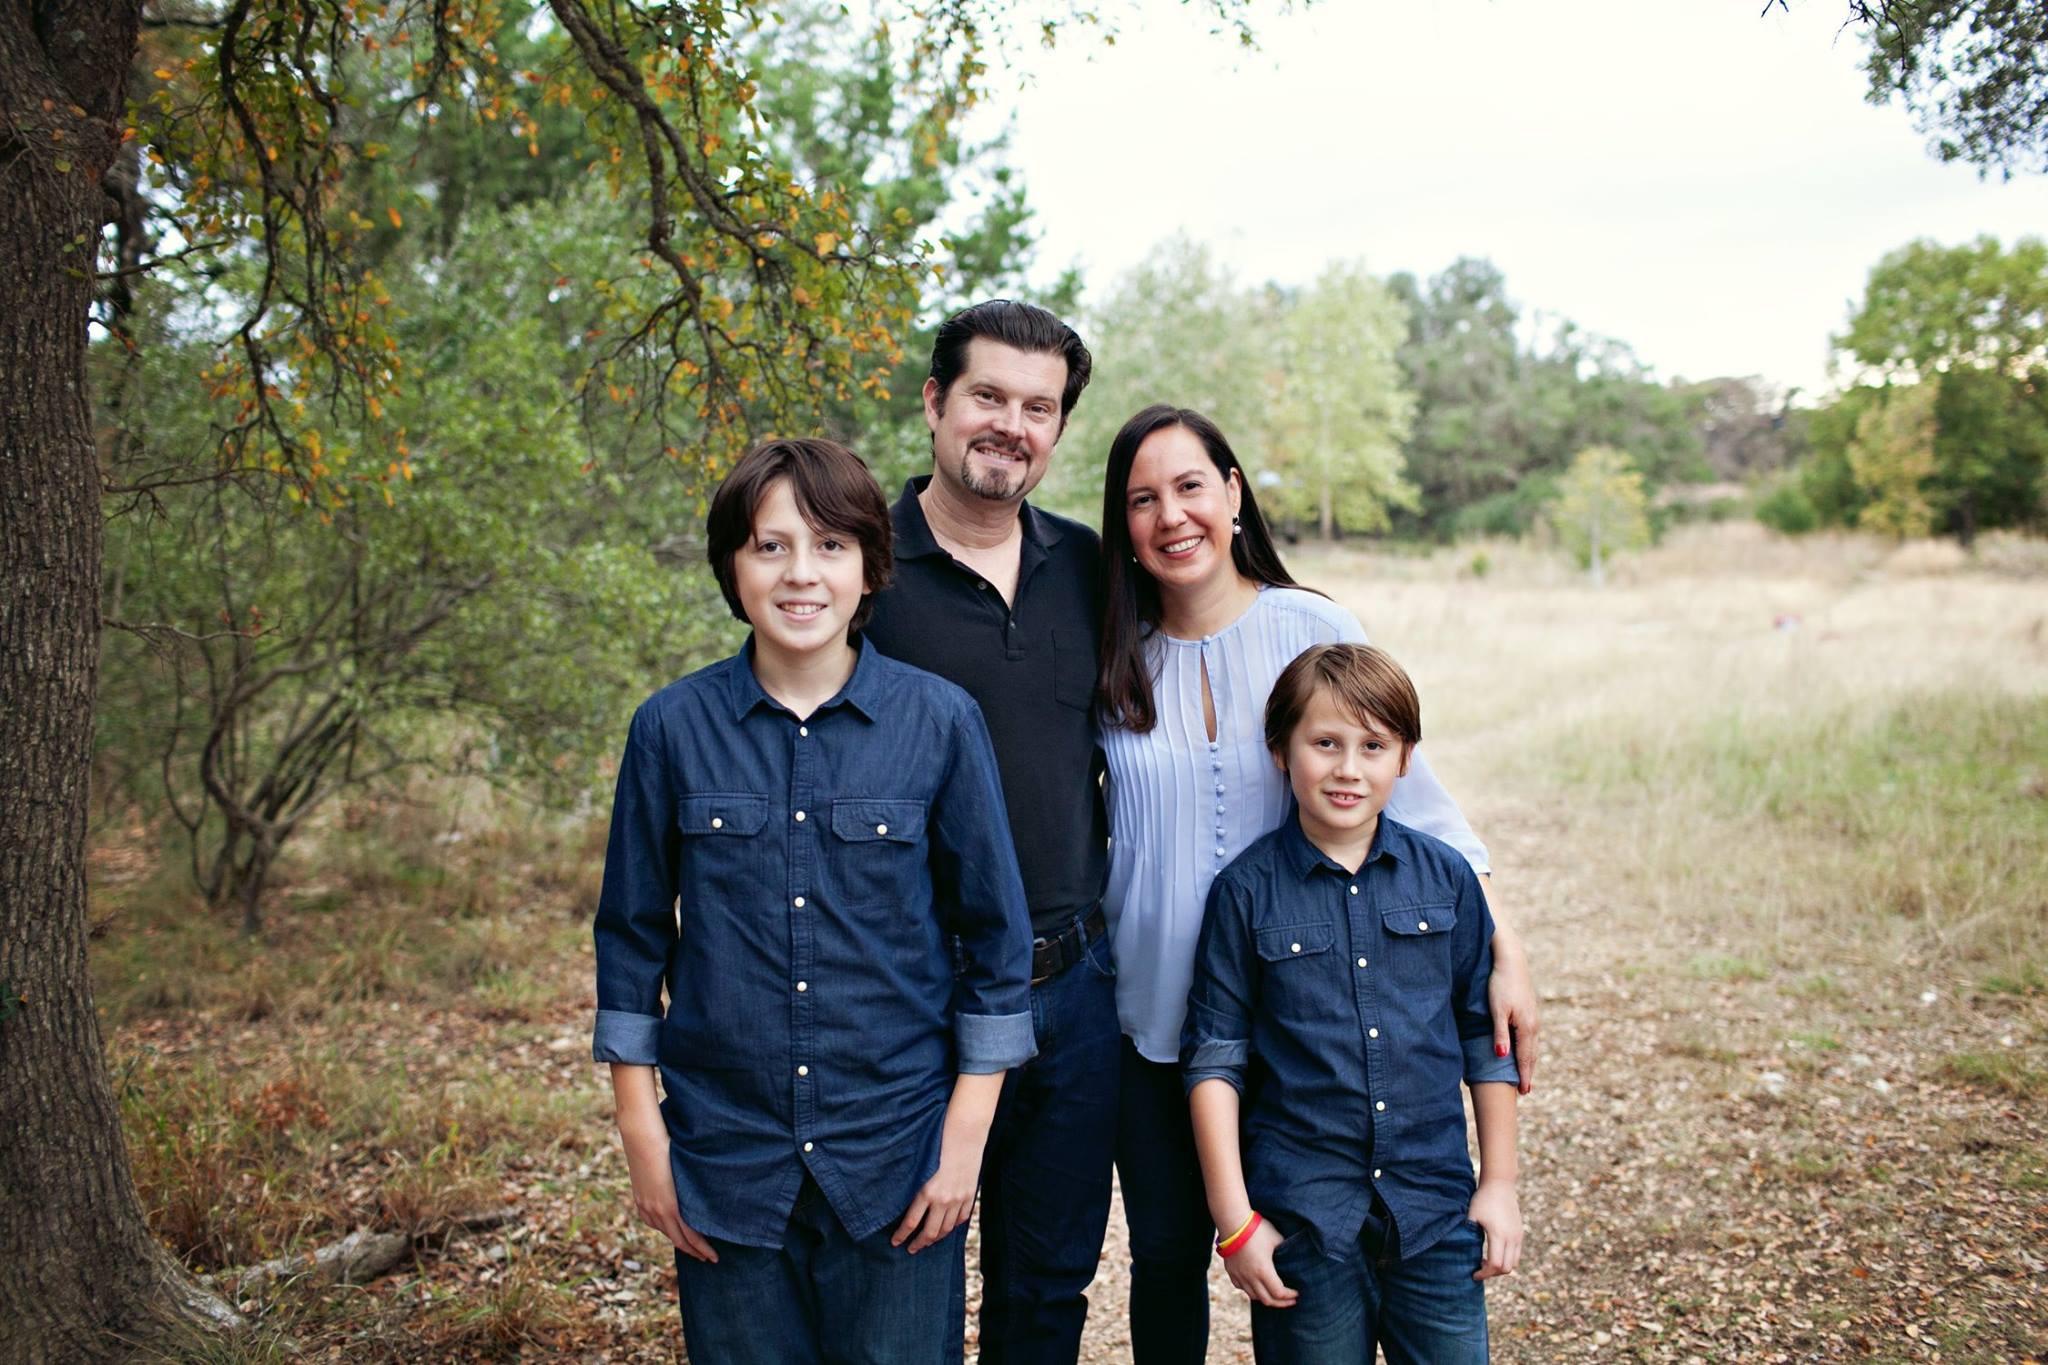 Rosie, her husband David, and their children.